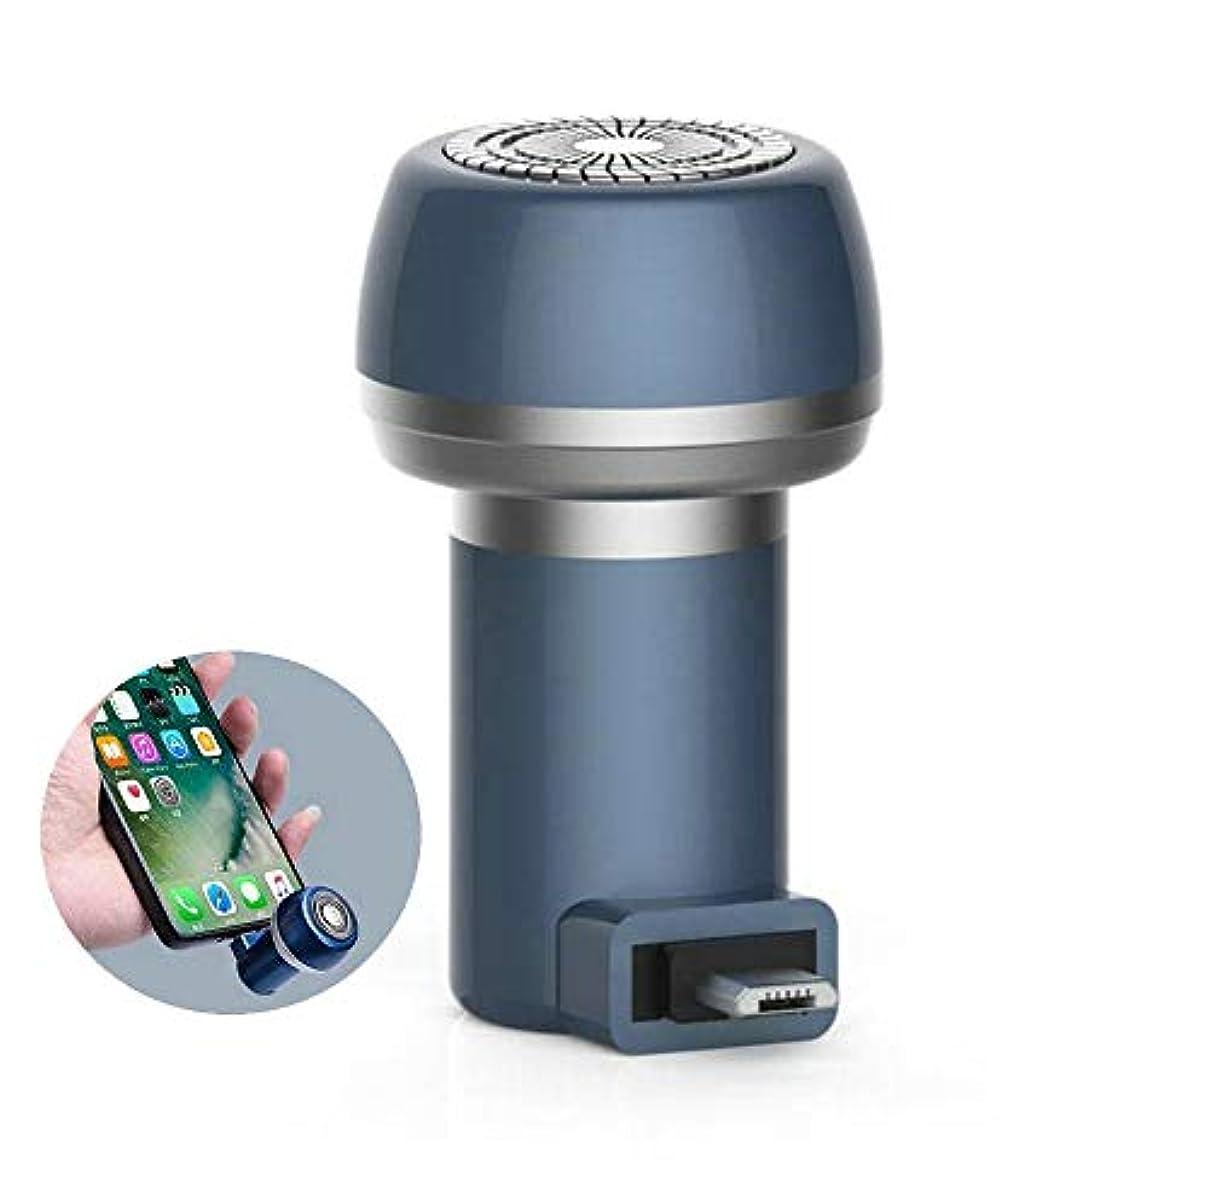 神学校呪われたどっちXAHWL ミニ シェーバー 携帯電話 Micro/Type-c/USB+Micro 脱毛器